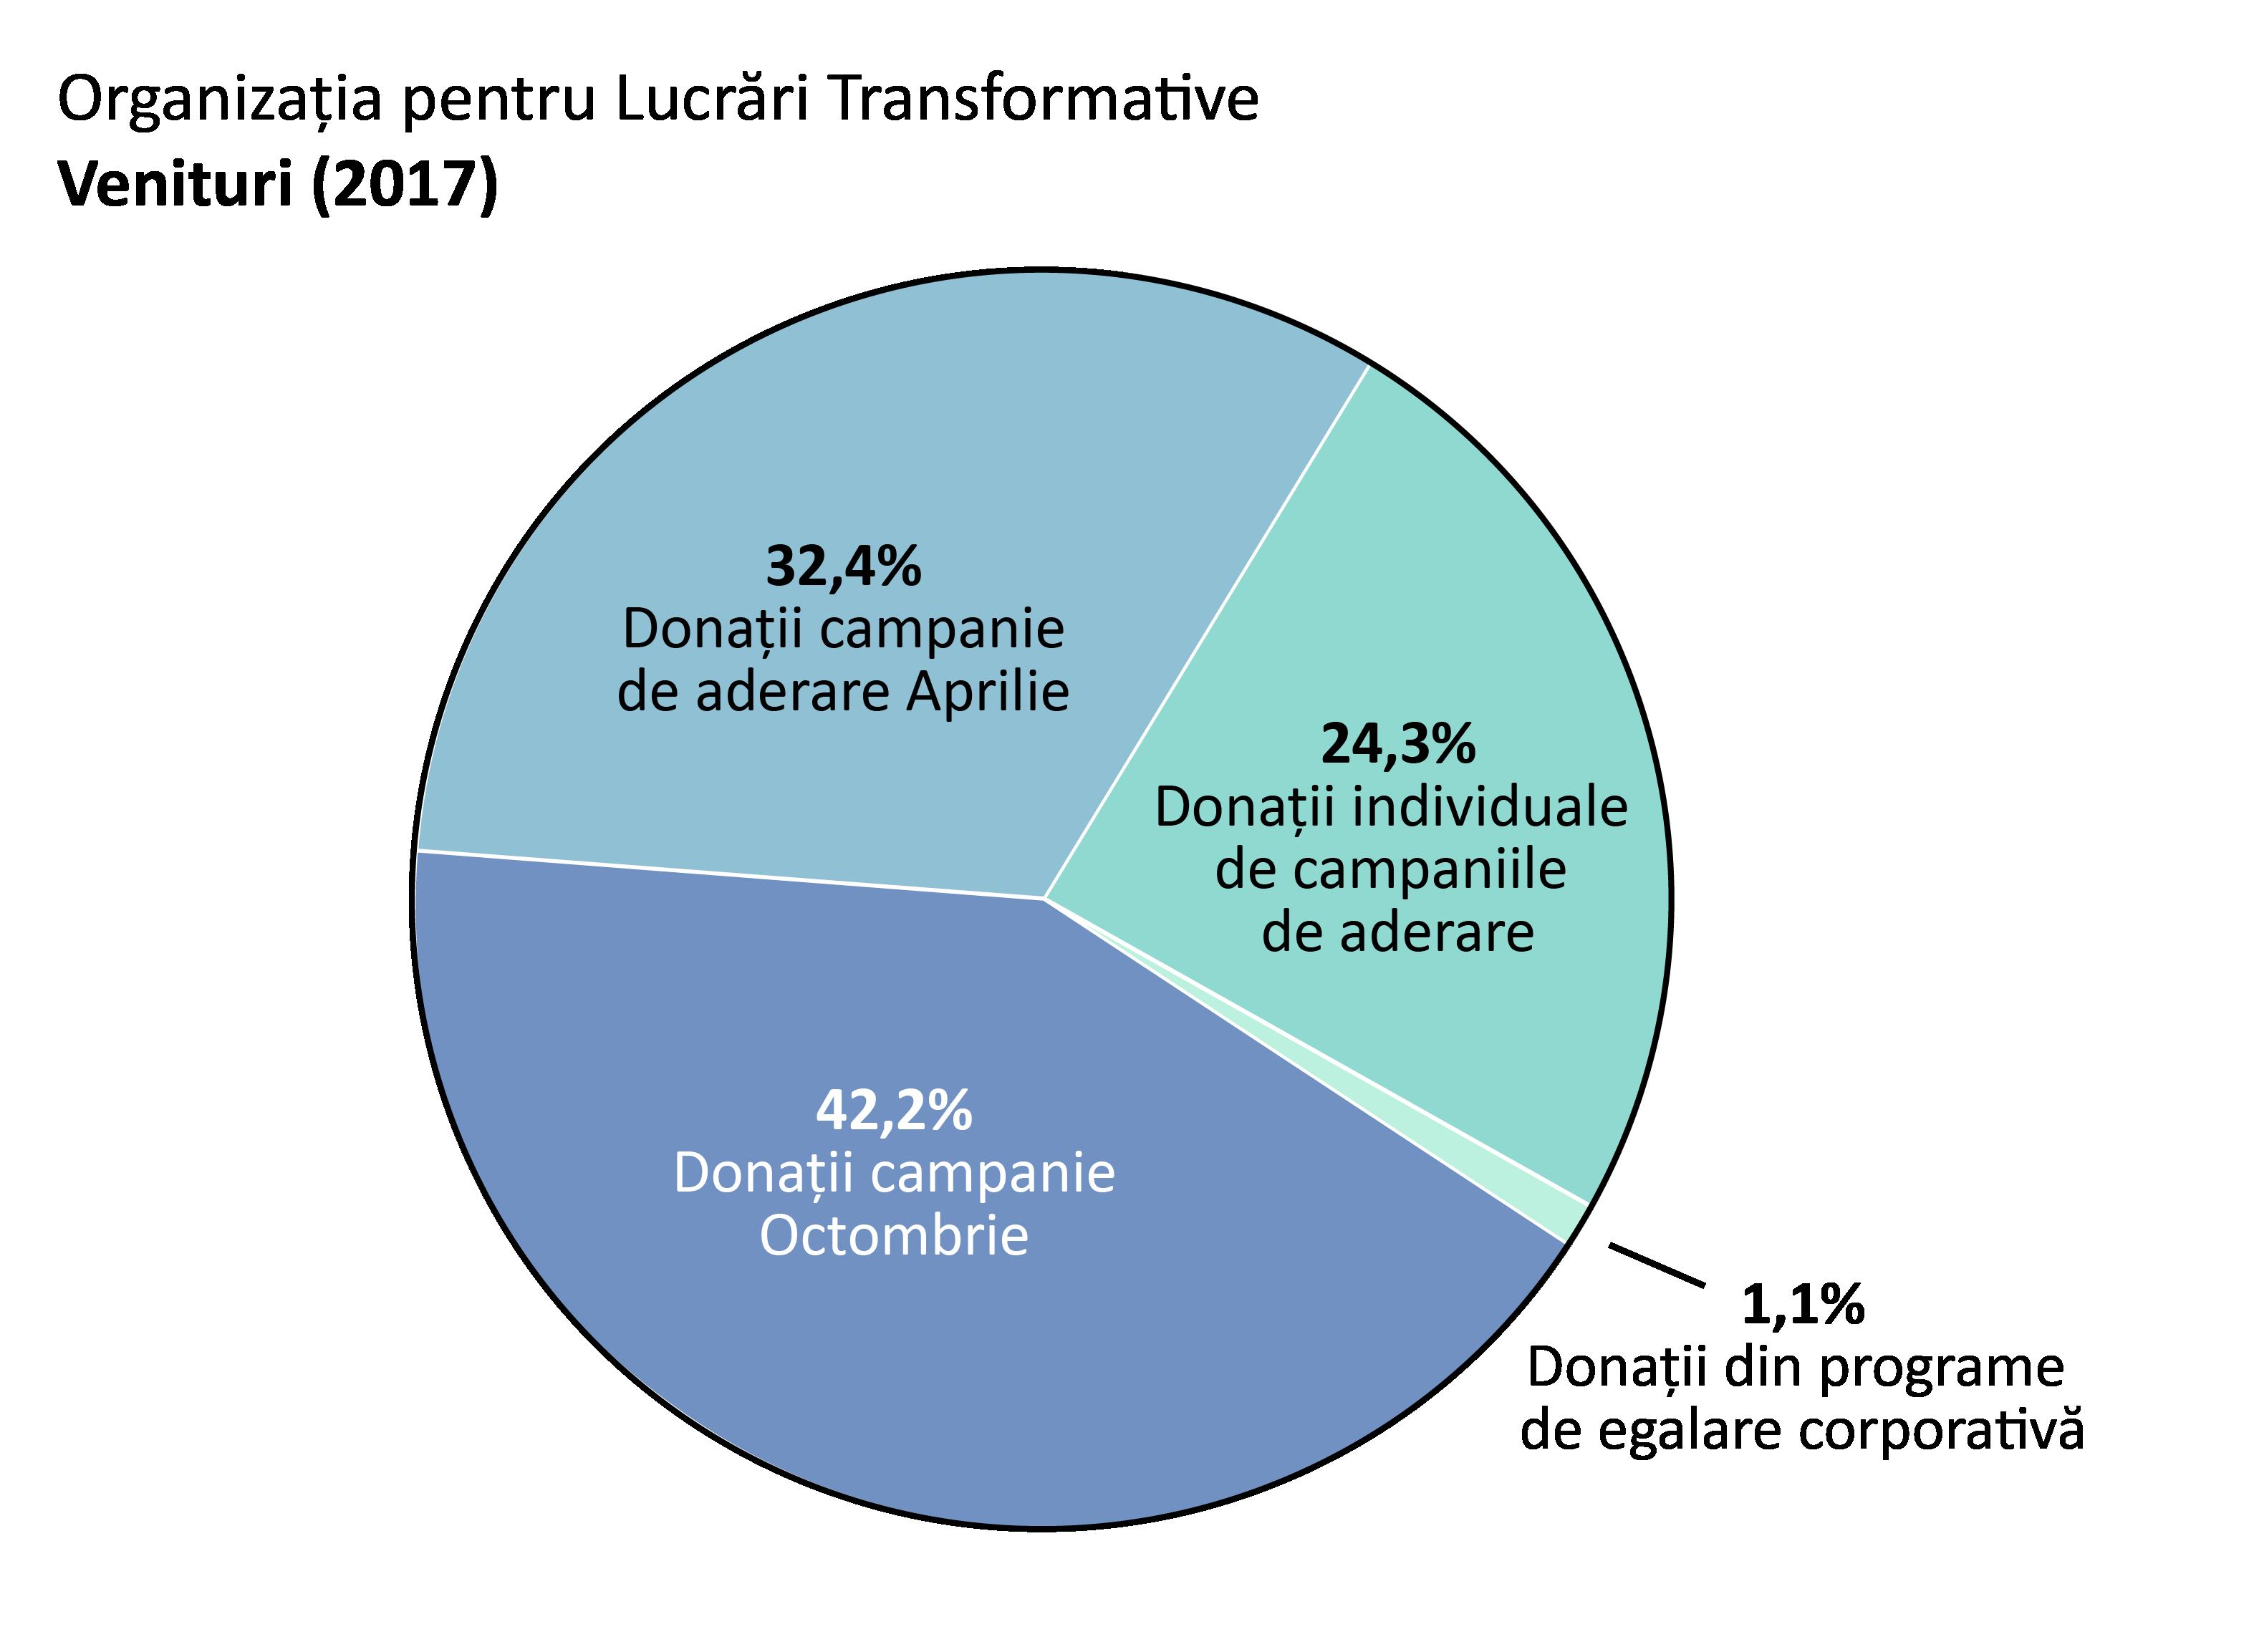 Venituri 2017: donații campanie de aderare Aprilie: 32.4%,donați campanie Octombrie: 42.2%. Donații individuale de campaniile de aderare: 24.3%. Donații din programe de egalare corporativă: 1.1%.